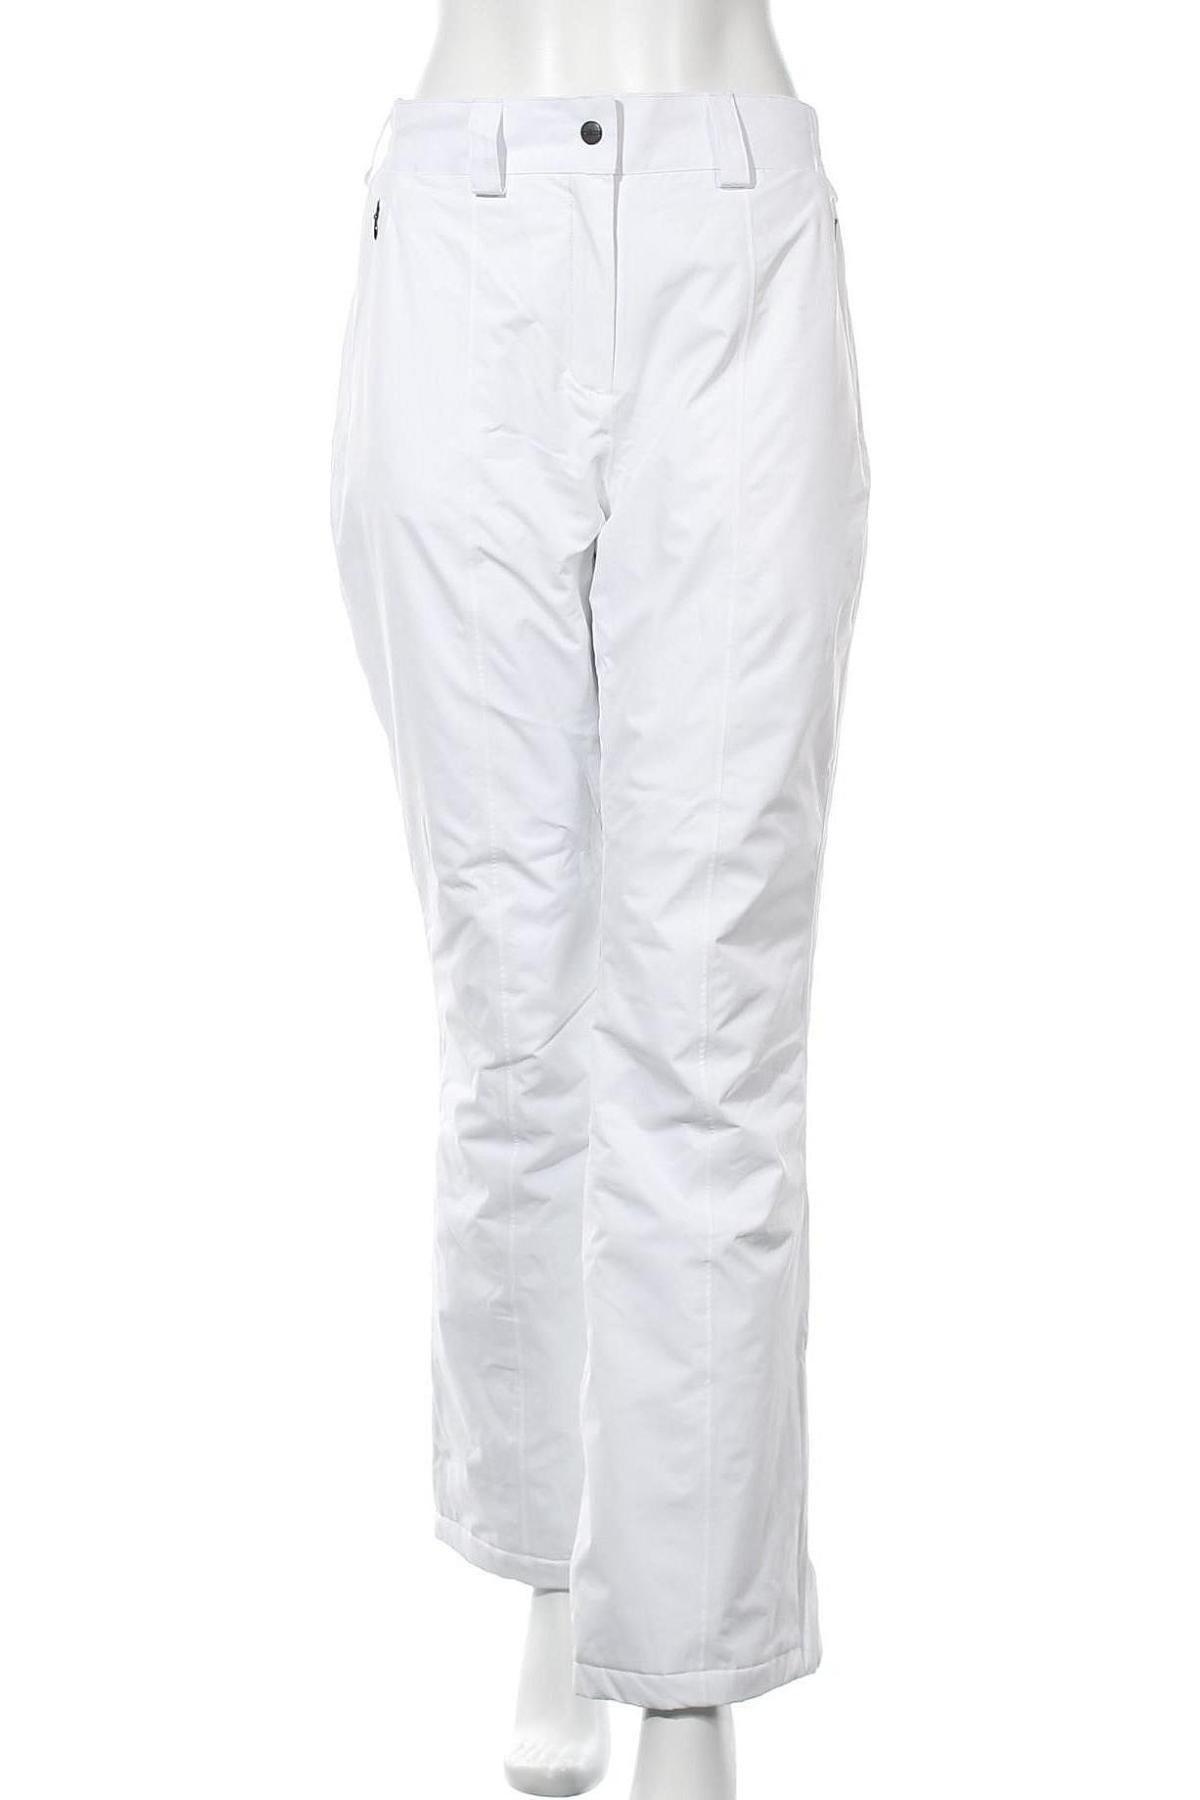 Дамски панталон за зимни спортове CMP, Размер L, Цвят Бял, Полиестер, Цена 55,60лв.